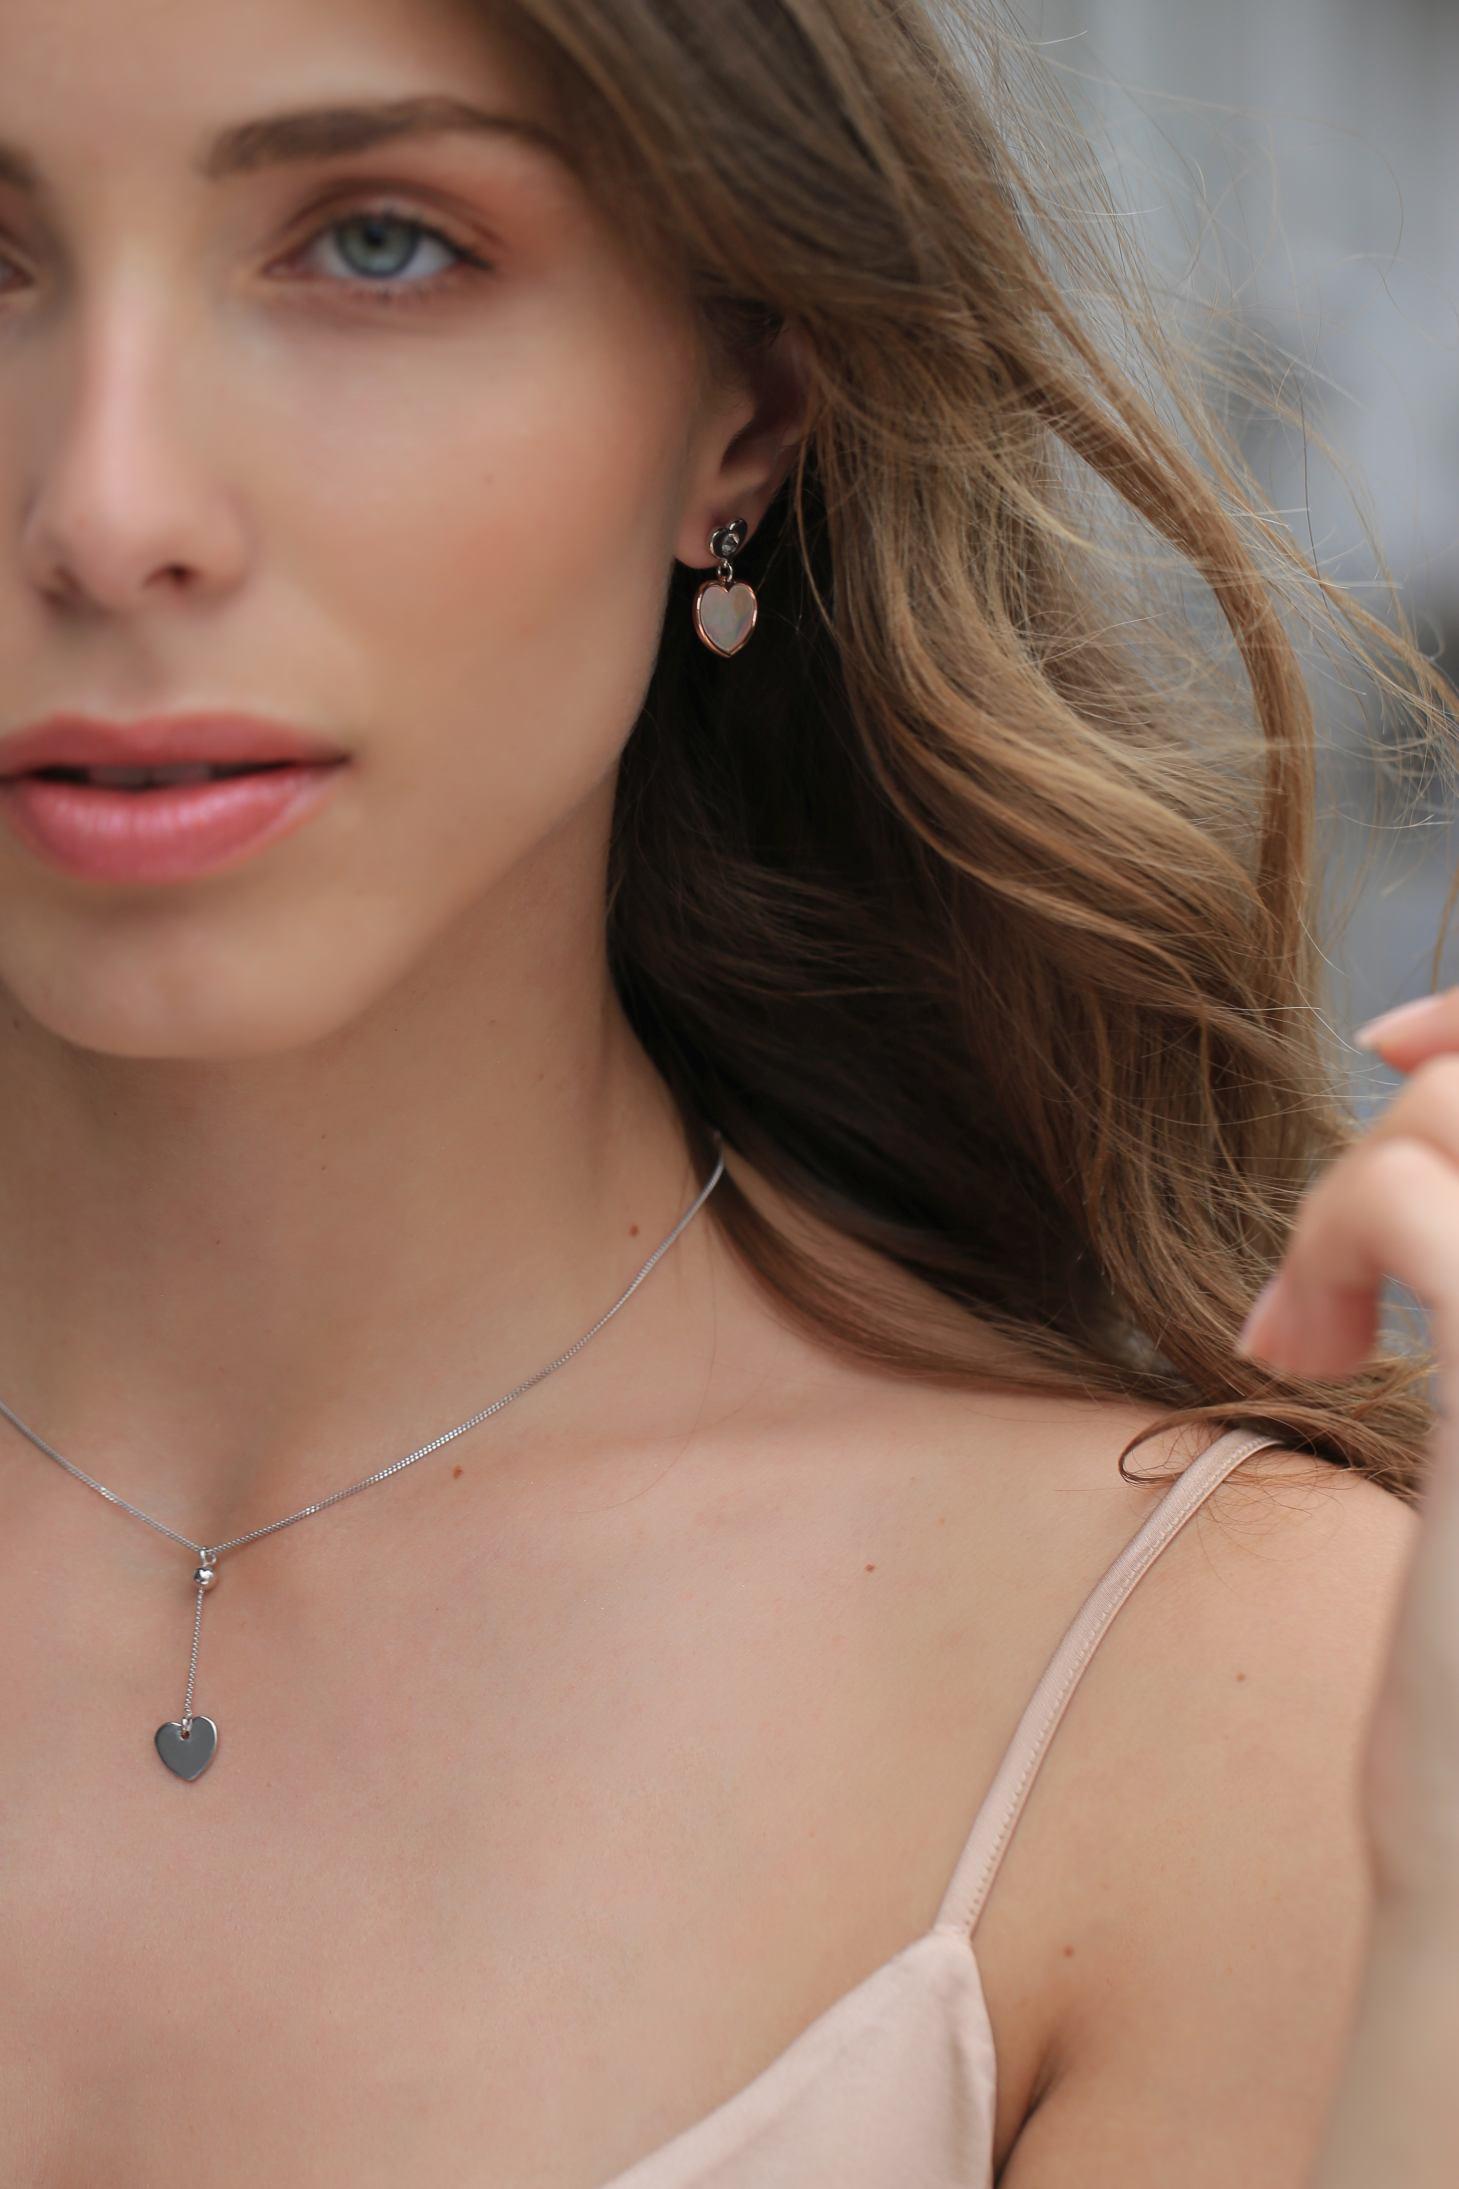 Srebrne nausnice, red.cijena 410kn, s popustom 205kn, srebrna ogrlica, red.cijena 360kn, s popustom 180kn, Argentum